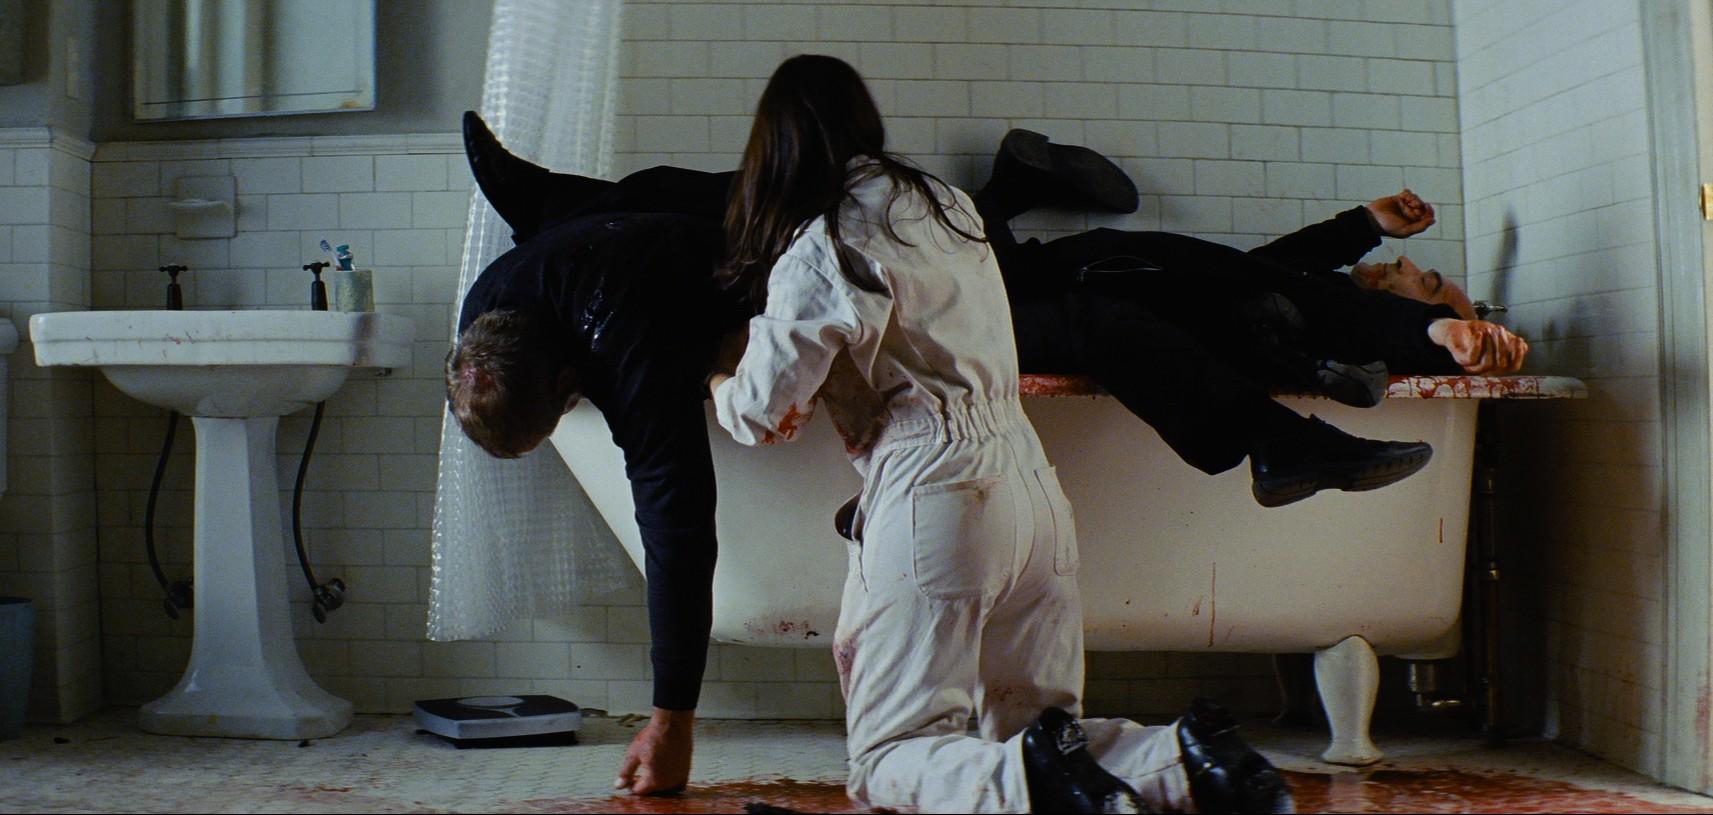 кадры из фильма Виолет и Дейзи Алексис Бледел,